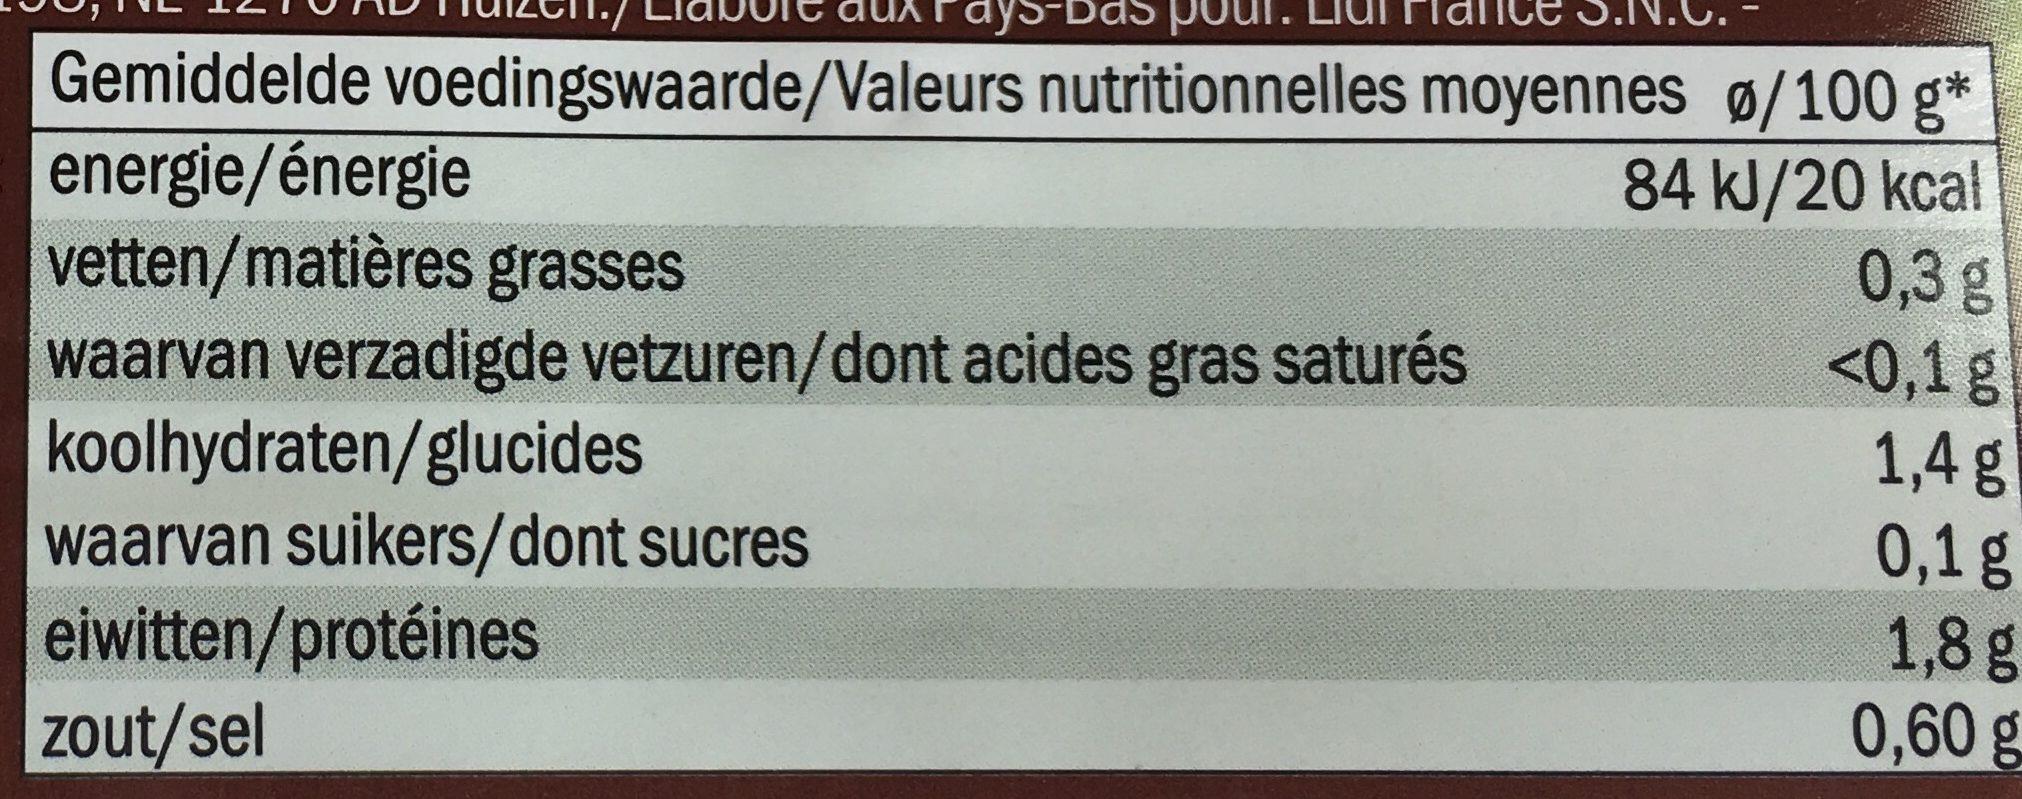 Champignons émincés - Nutrition facts